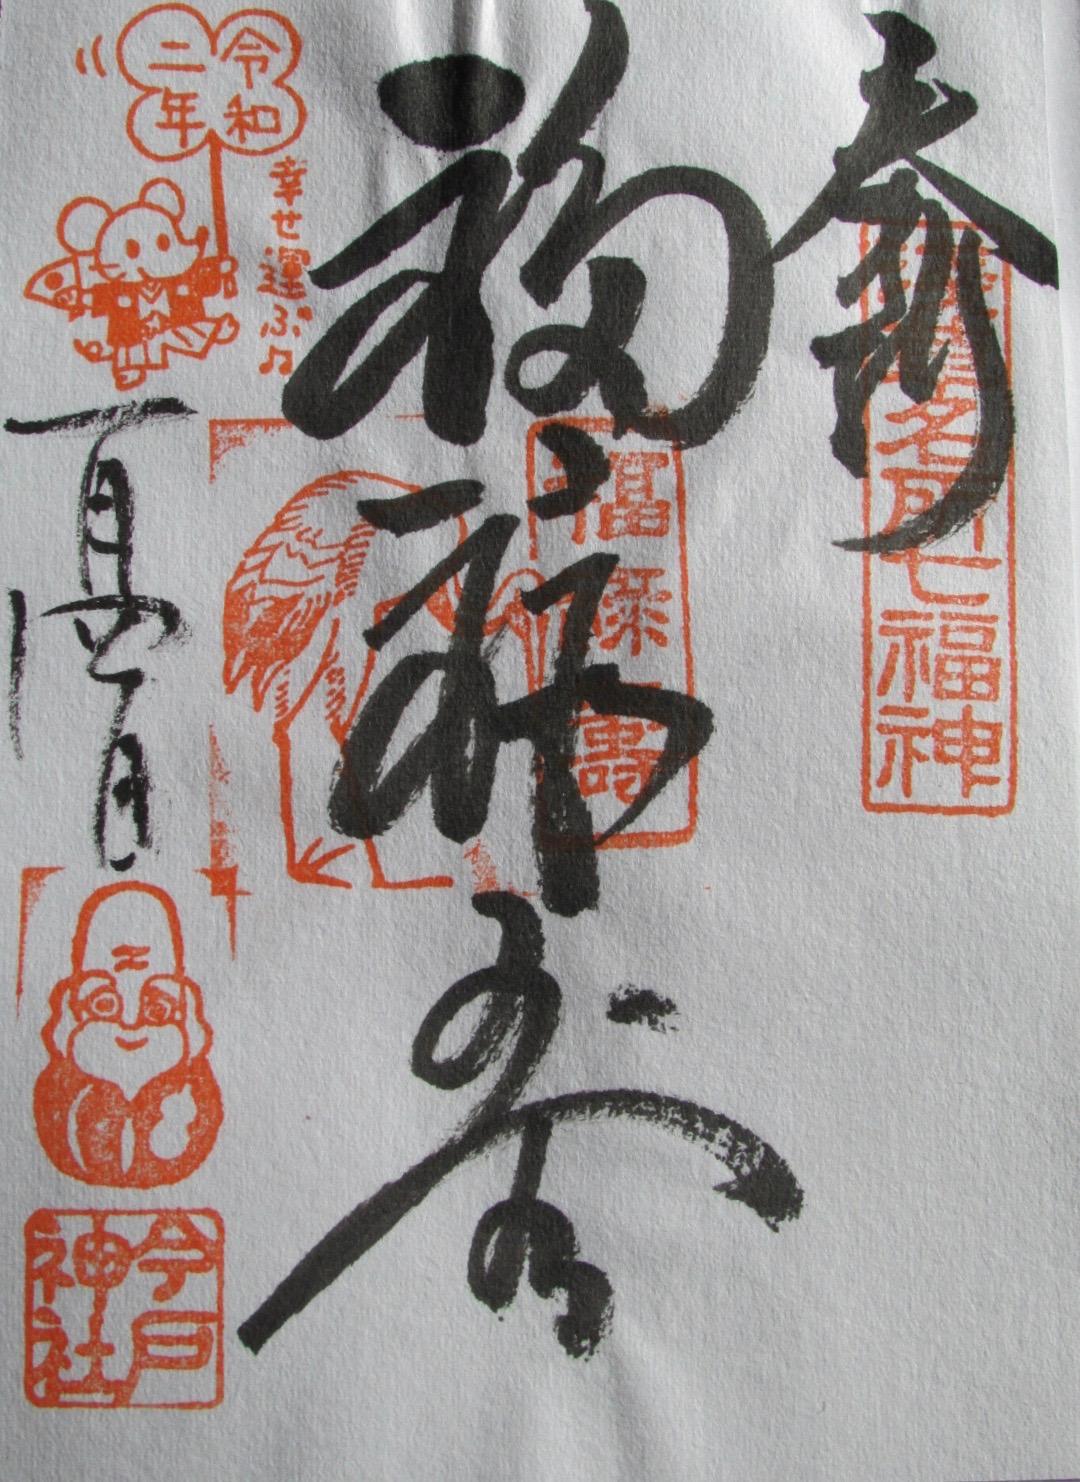 f:id:hiro-jp:20200105103527j:plain